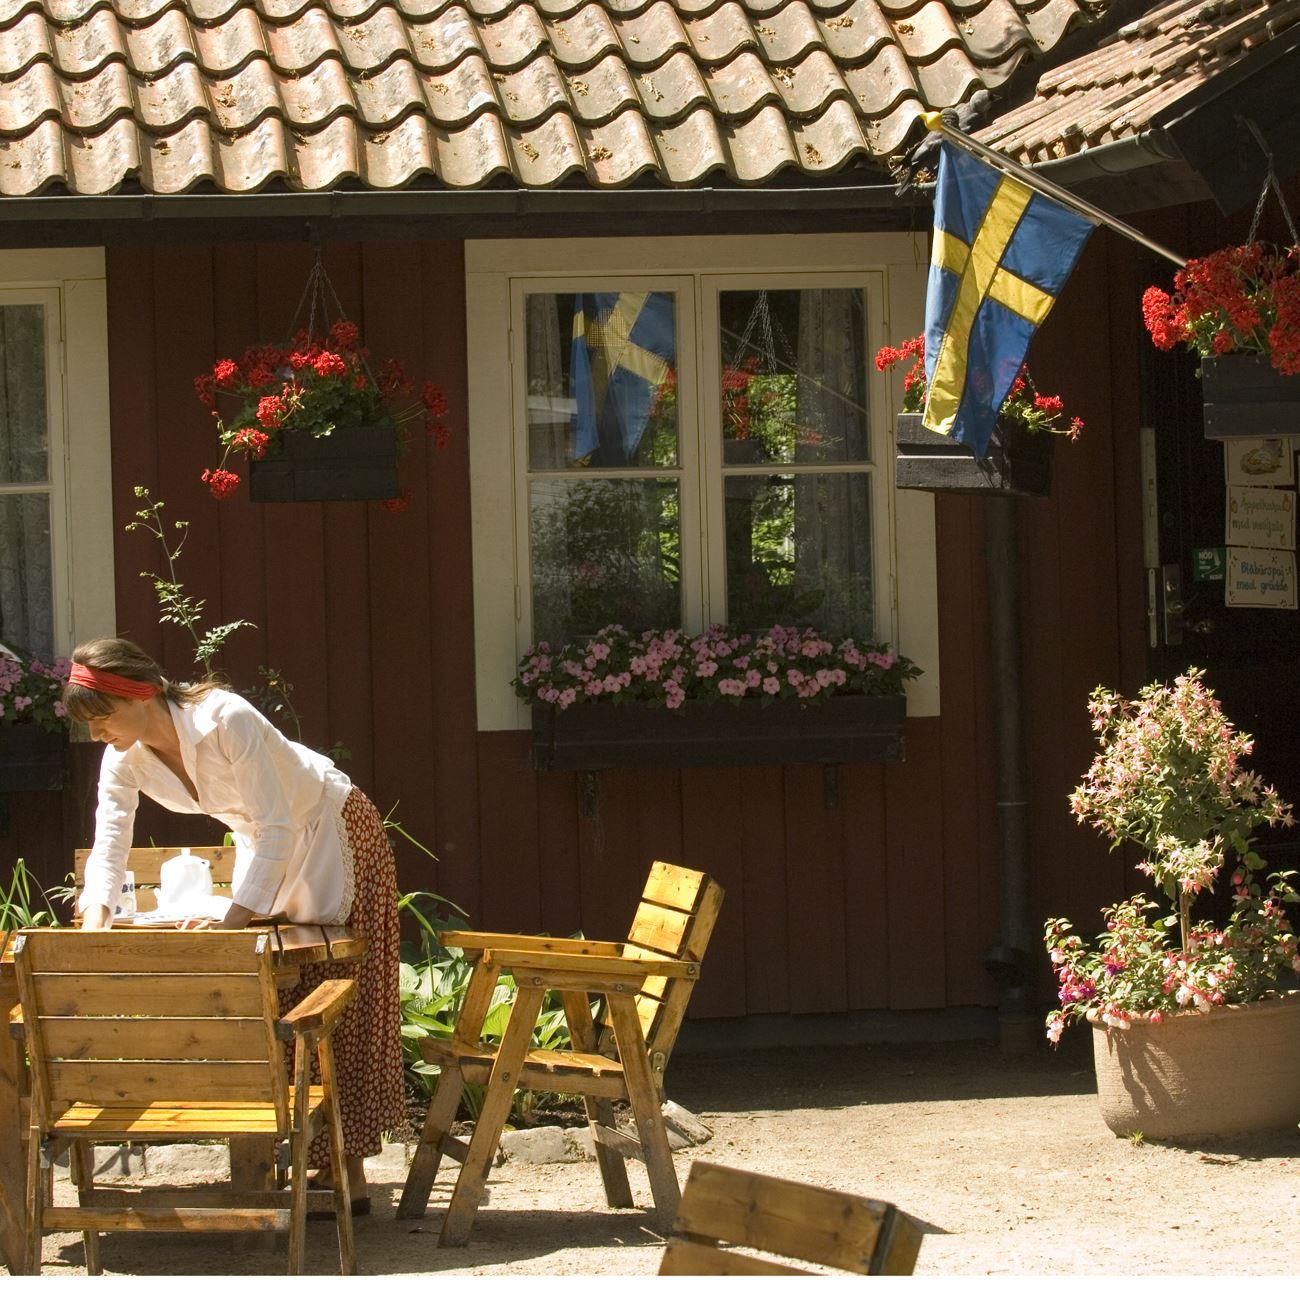 Smålandsbilder.se,  © Smålandsbilder.se, Apladalens Kaffestuga